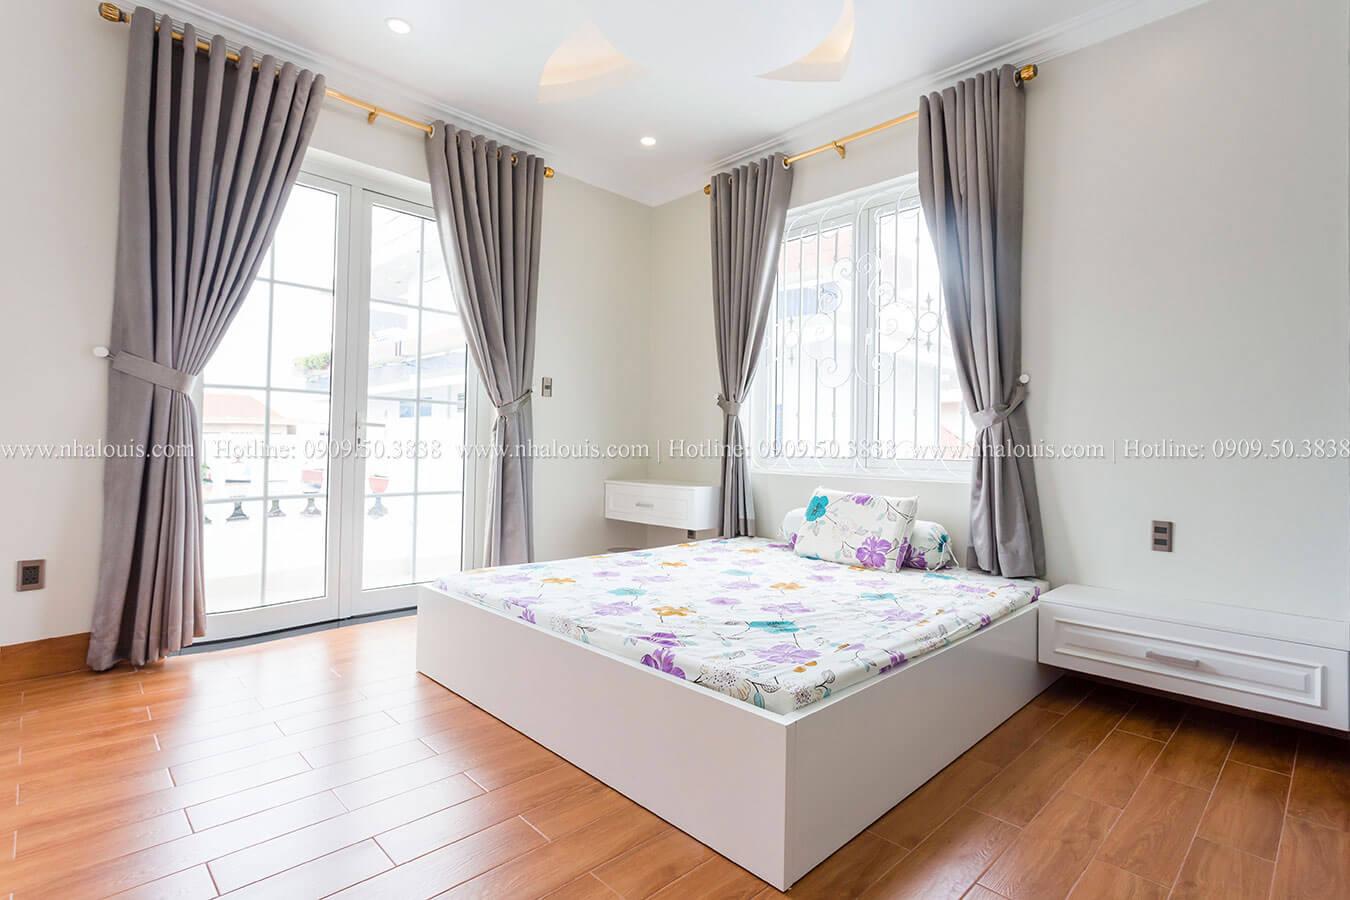 Phòng ngủ con gái ngày hoàn thiện